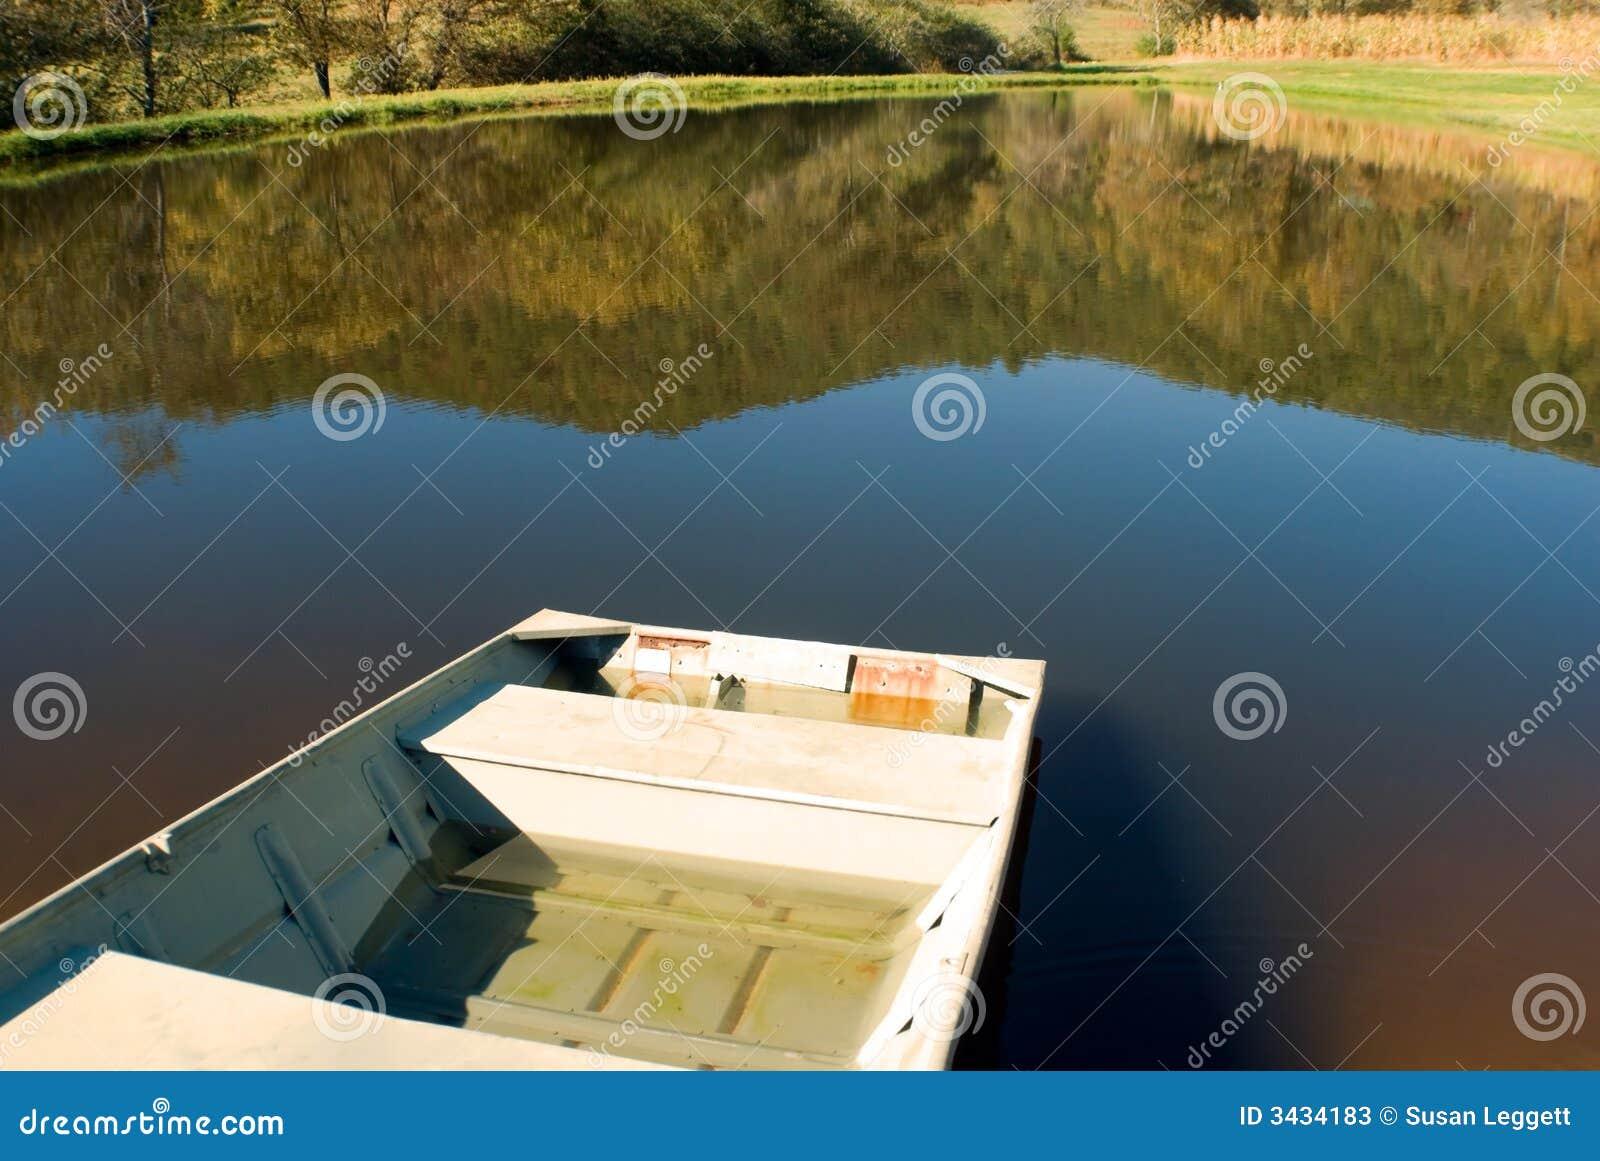 Bateau au petit étang